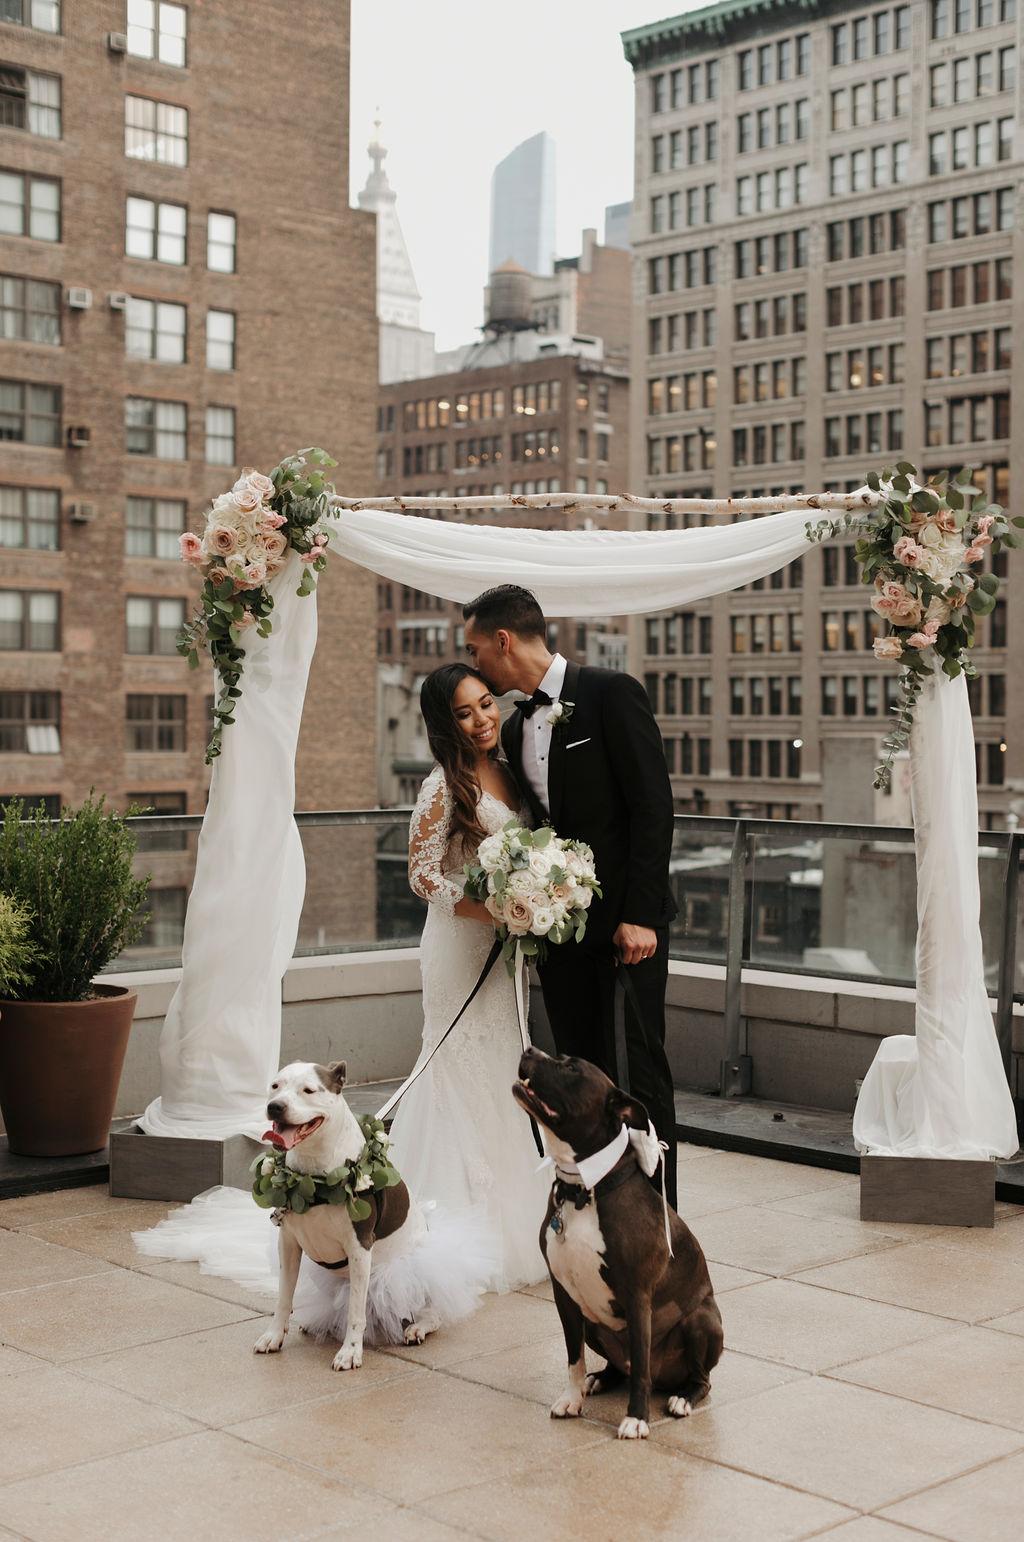 photo courtesy of  Ninety Eight Wedding Co.